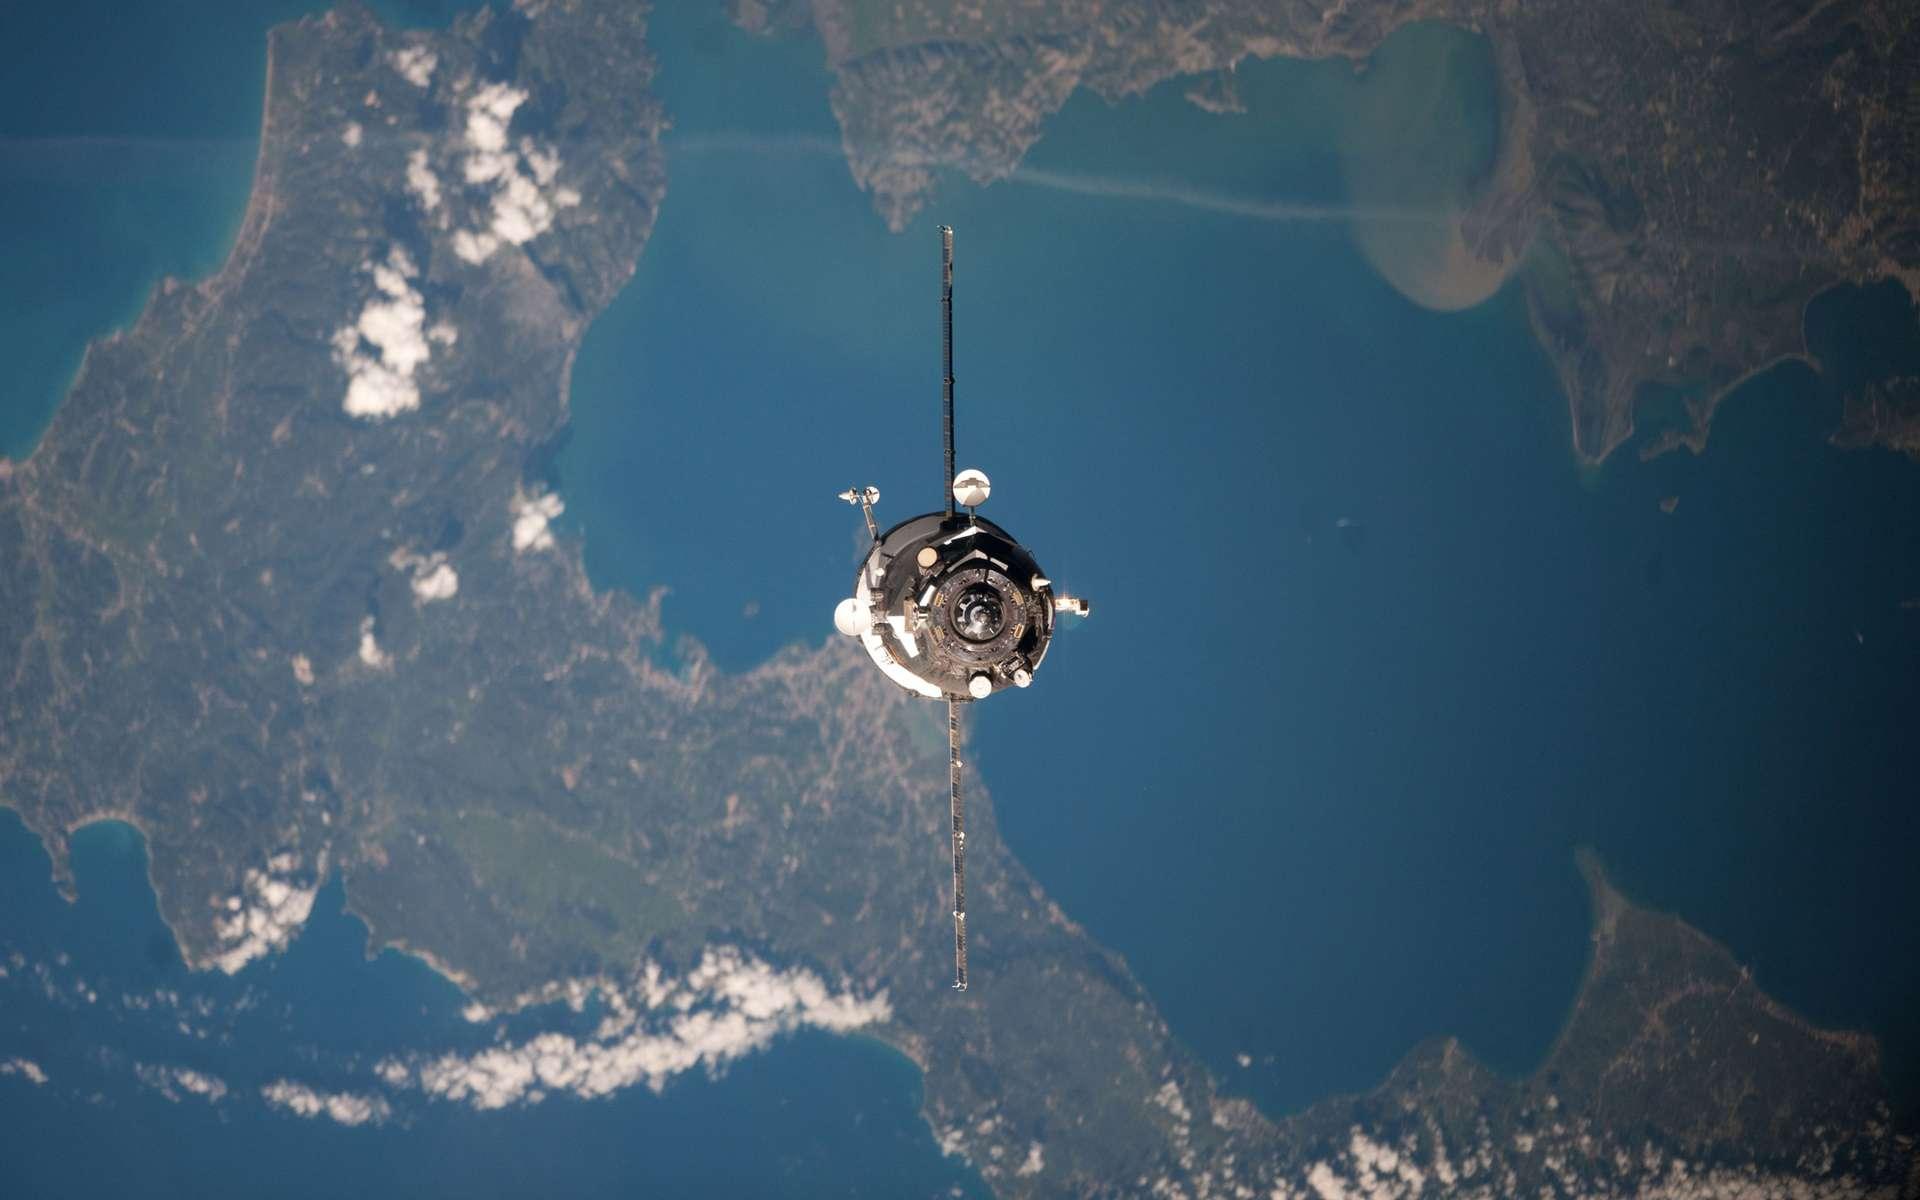 À l'image, le cargo Progress utilisé pour les essais du nouveau système d'amarrage. On le voit en phase finale d'approche de l'ISS, au-dessus de l'île grecque de Corfou. Ce cargo, lancé le 20 avril, a ravitaillé l'ISS avec plus de 2,3 tonnes de fret. Il s'est amarré avec l'ancien système, le 22 avril. © Nasa